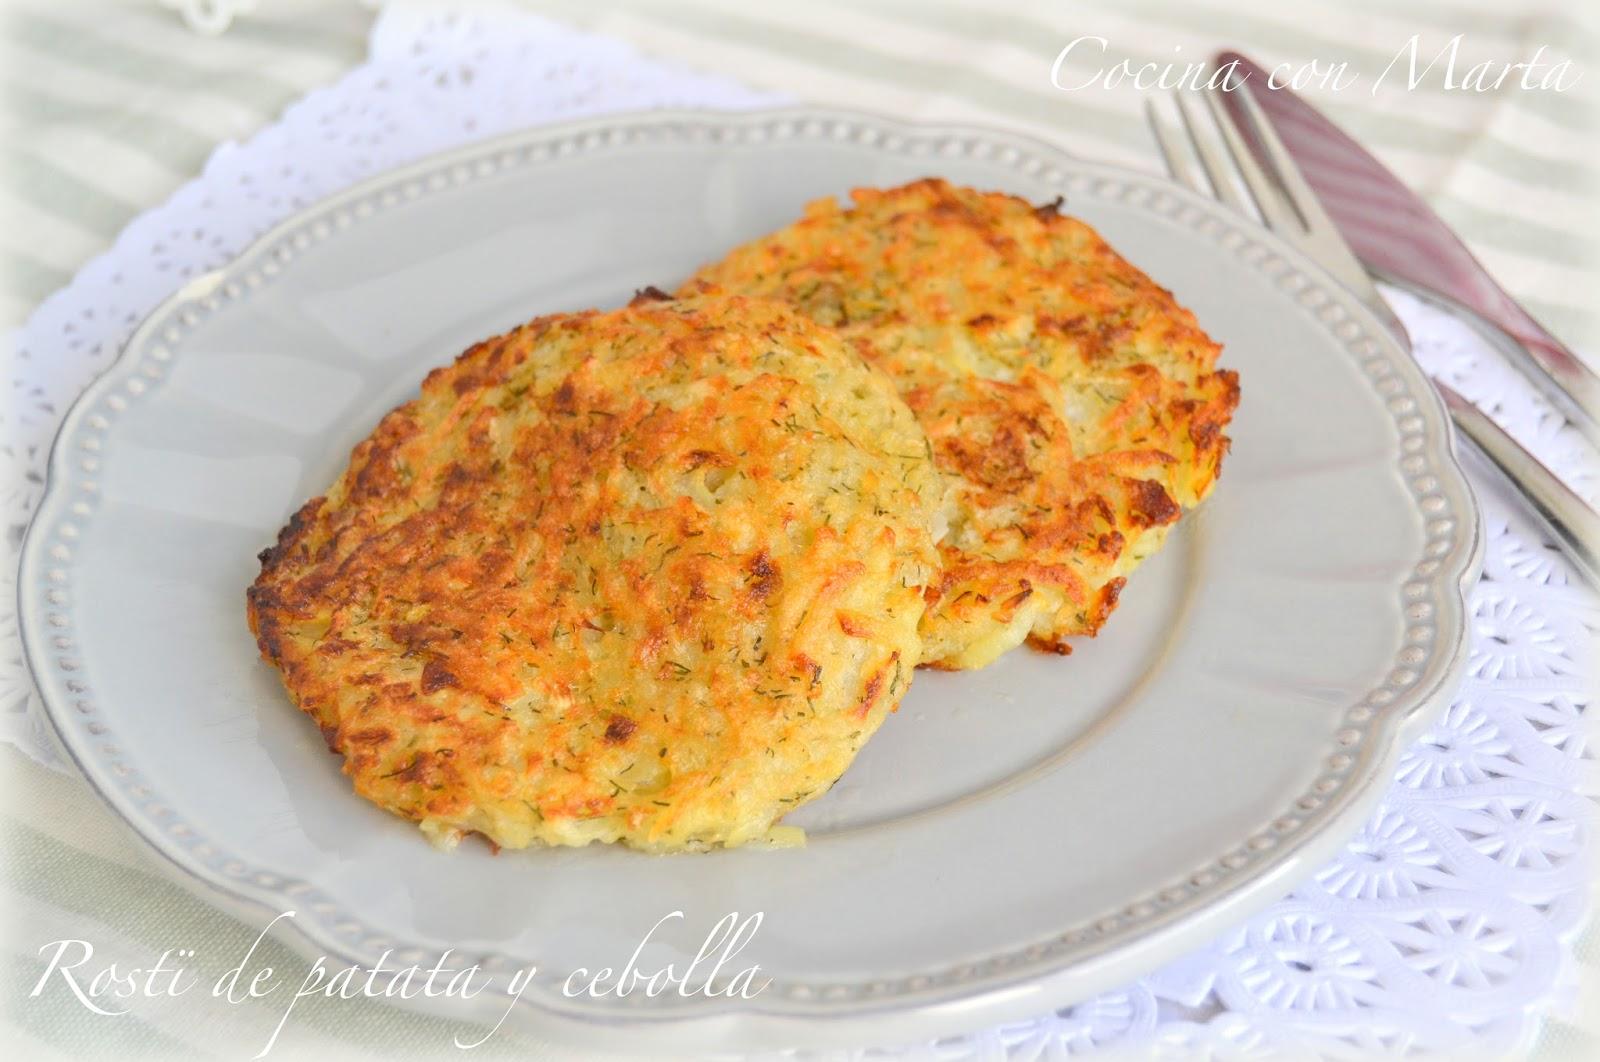 Rosti de patata y cebolla. Receta tradicional suiza. Fácil, rápido y casero. Para acompañar carnes y pescados.